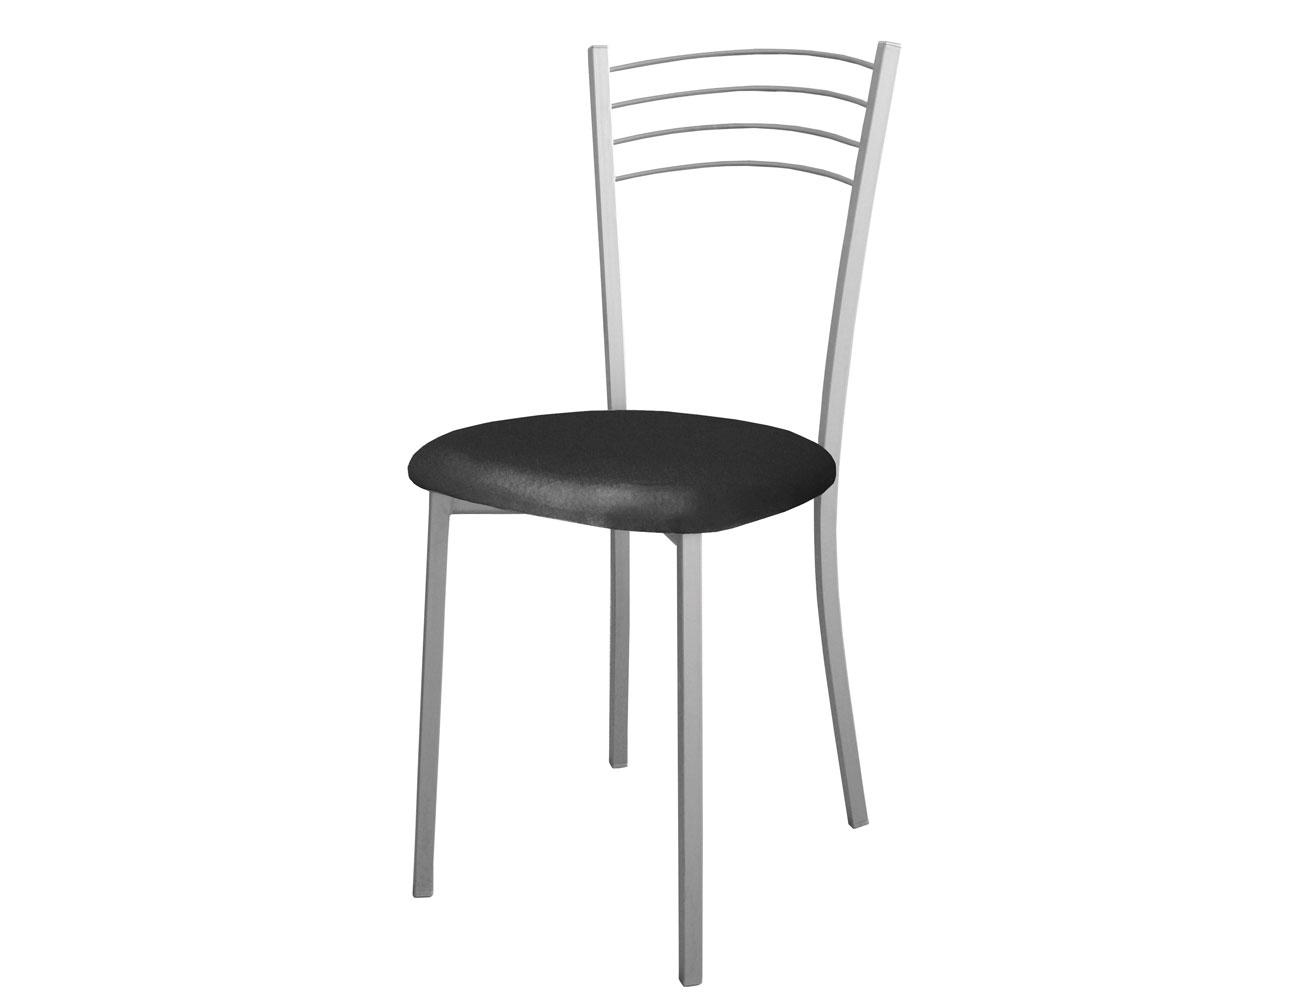 Silla de cocina con respaldo medio y asiento en polipiel for Sillas cocina negras